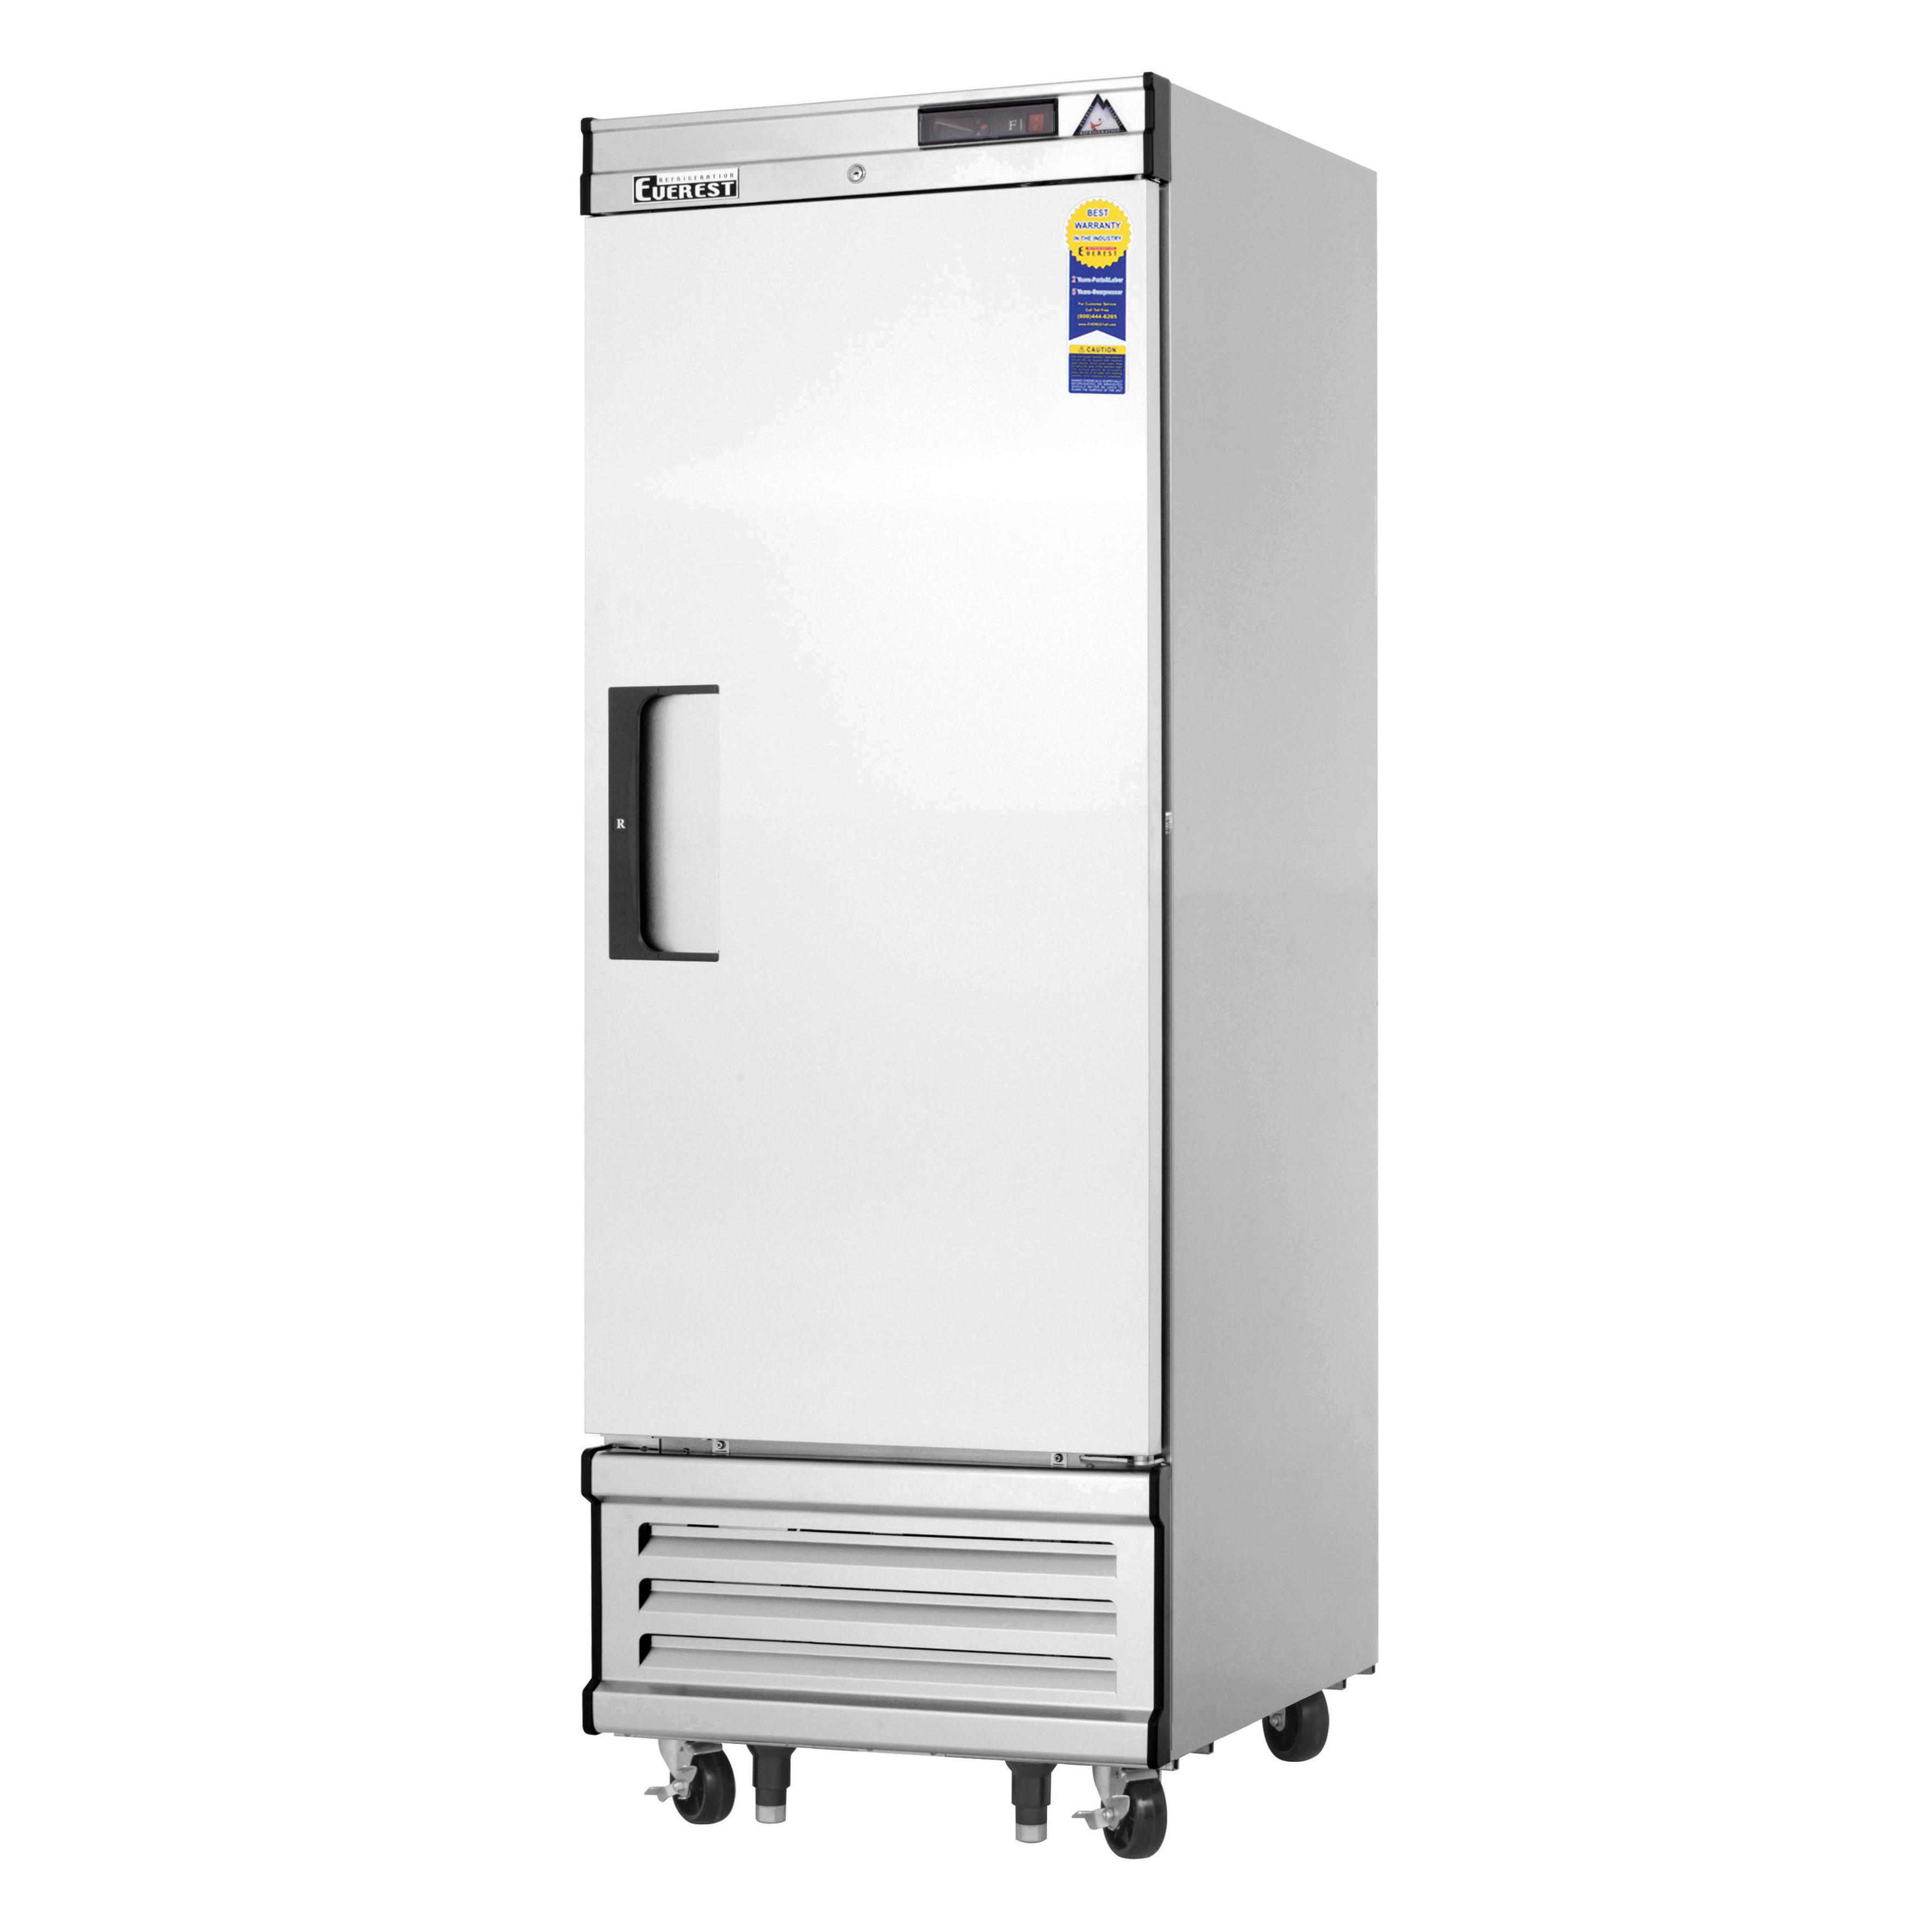 EBWF1 Everest Refrigeration freezer, reach-in